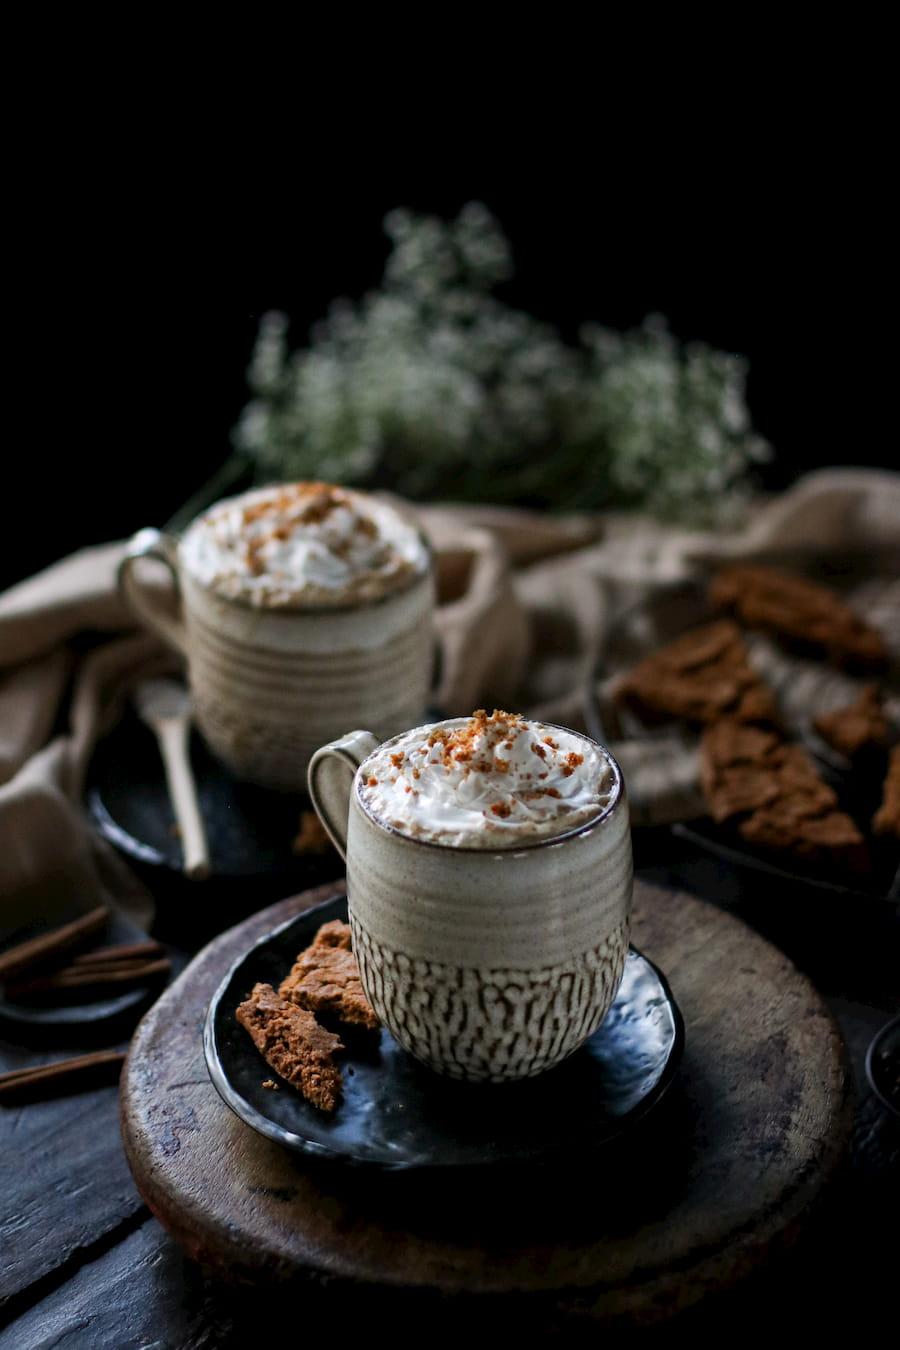 gingerbread latte in mug